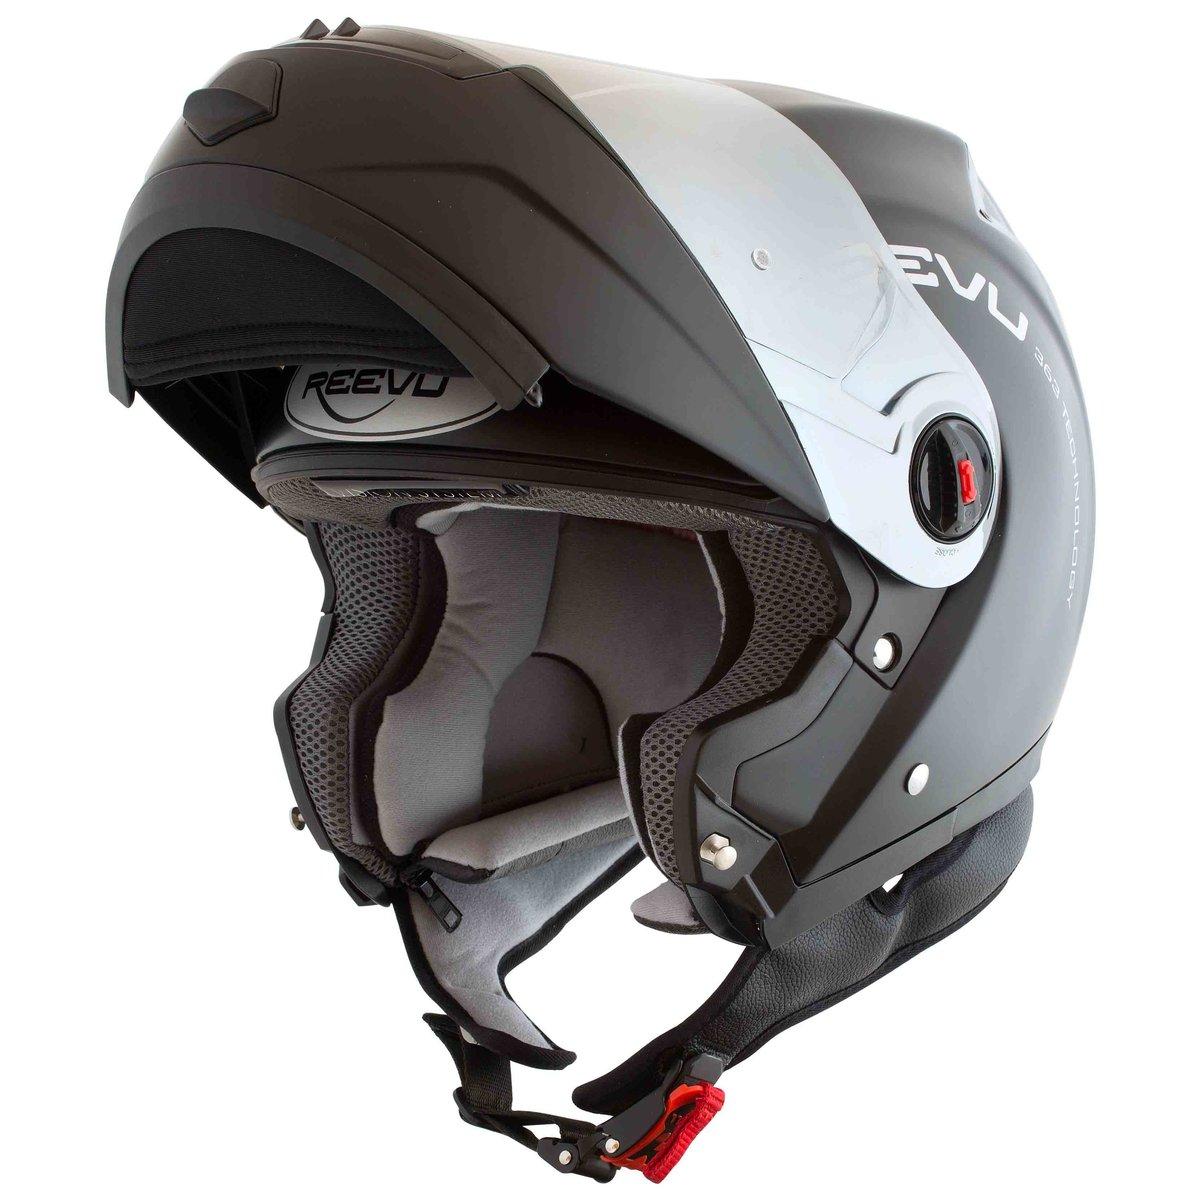 Hud Motorcycle Helmet >> Reevu RV FSX1, the Rear-View Flip-Up Helmet